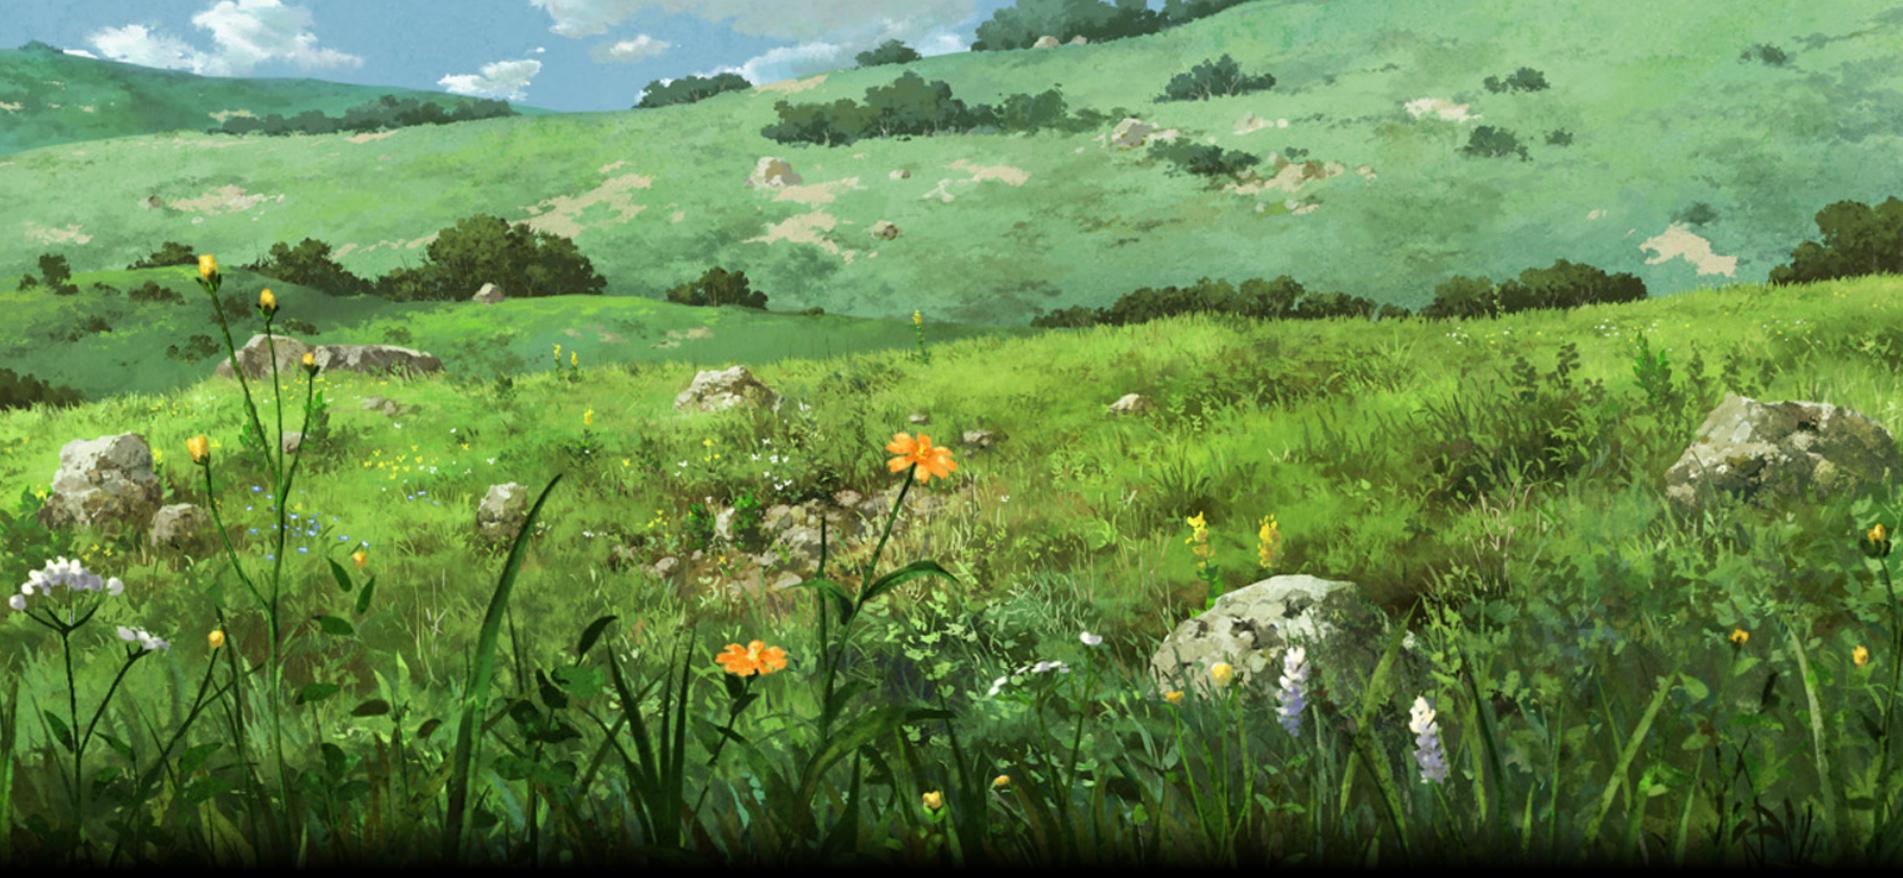 Výsledek obrázku pro anime field